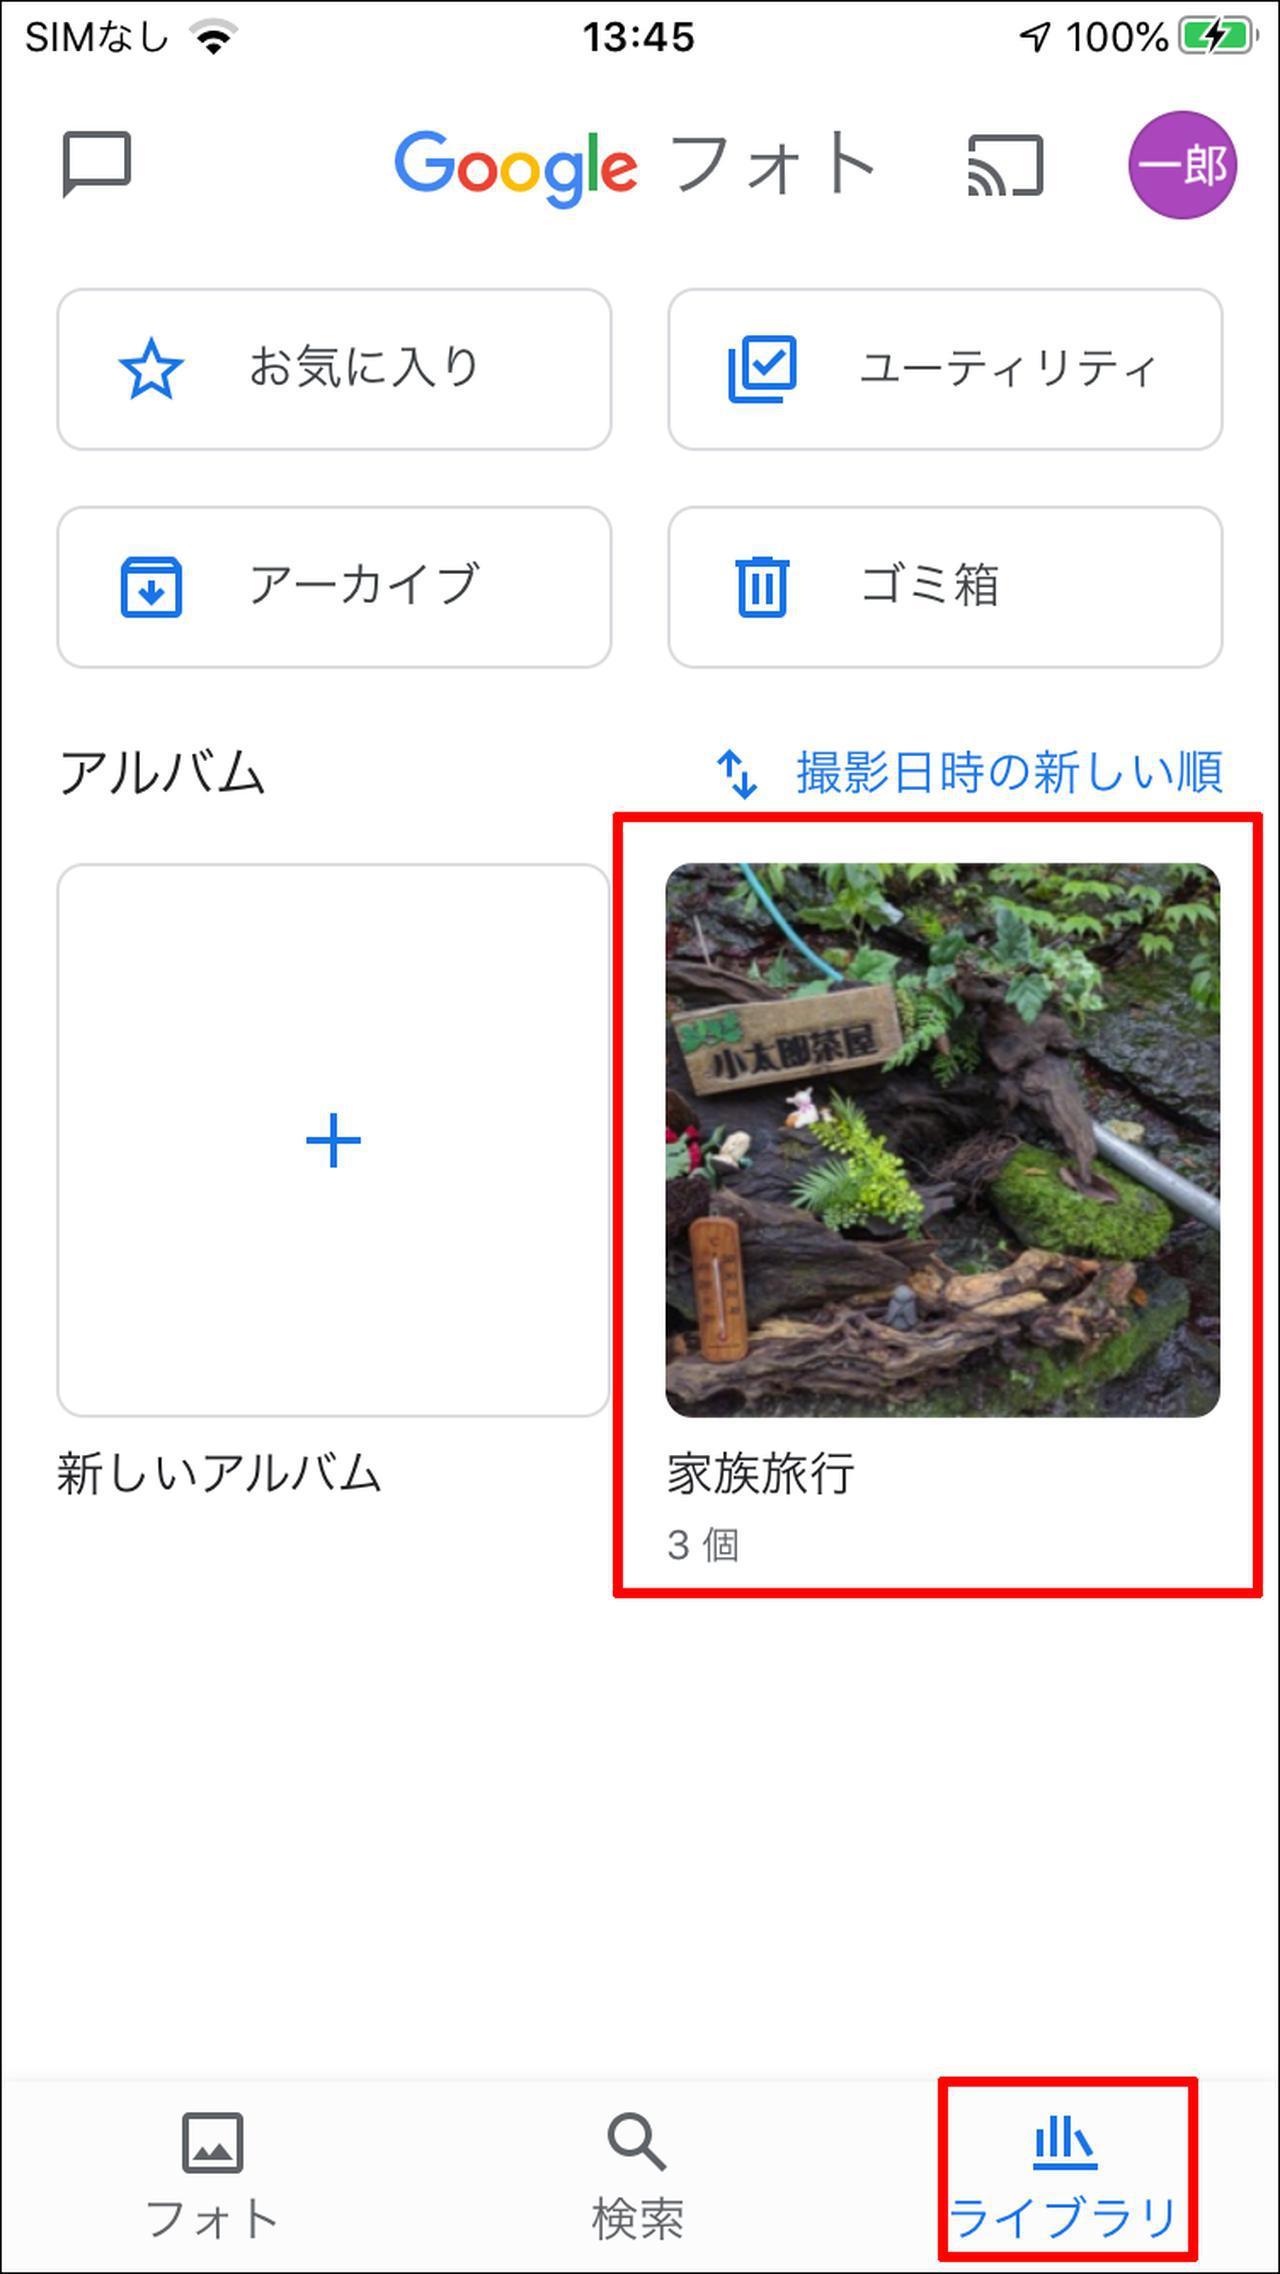 画像7: 【Googleフォト】有料化後にとるべき3つの選択肢とは?2021年5月末で無料の高画質・容量無制限バックアップが廃止